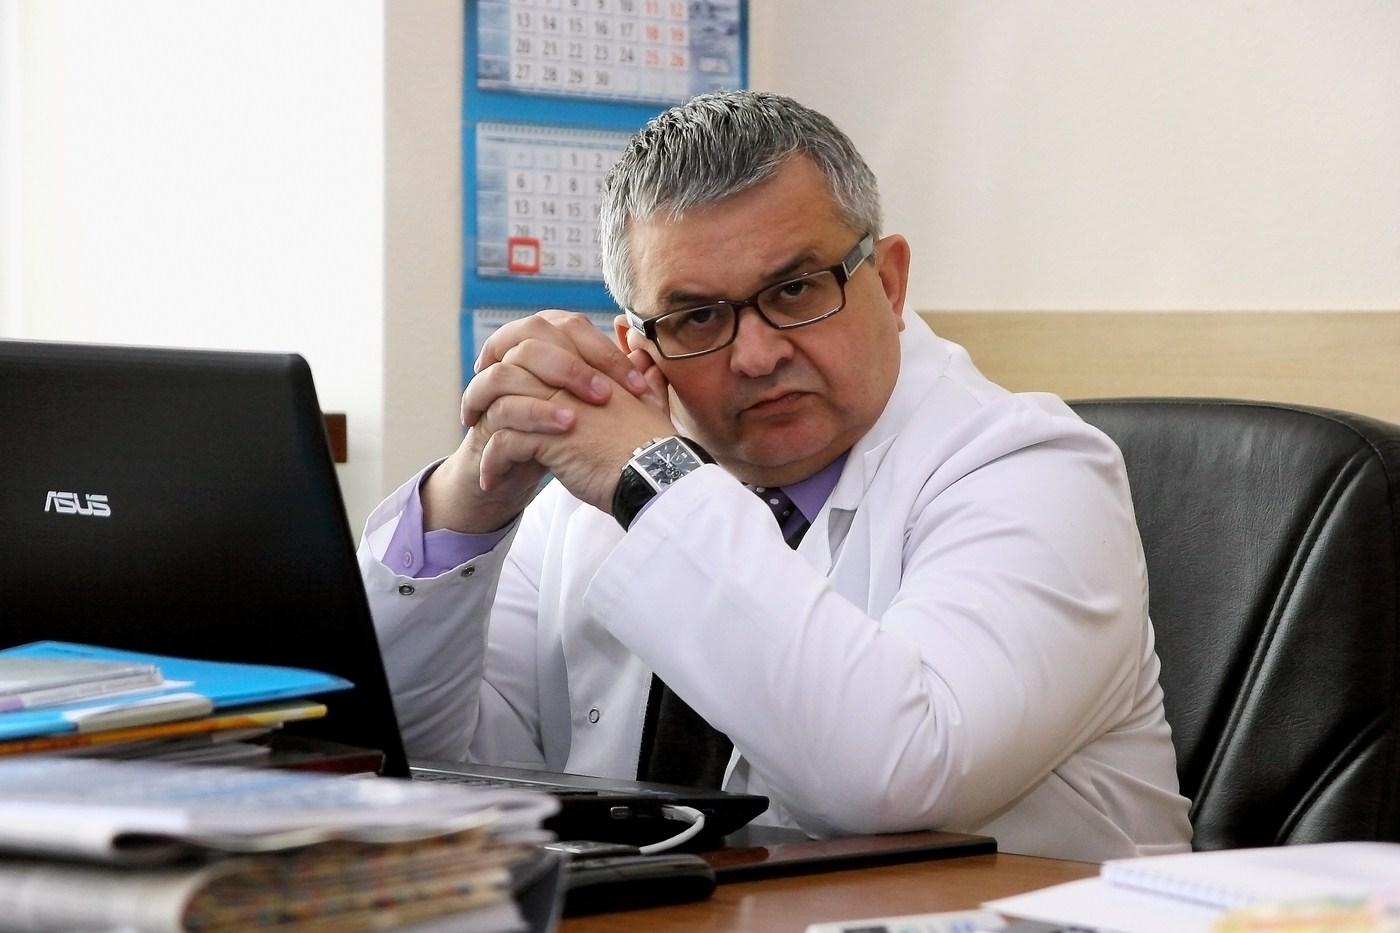 Областная детская больница челябинск официальный сайт запись